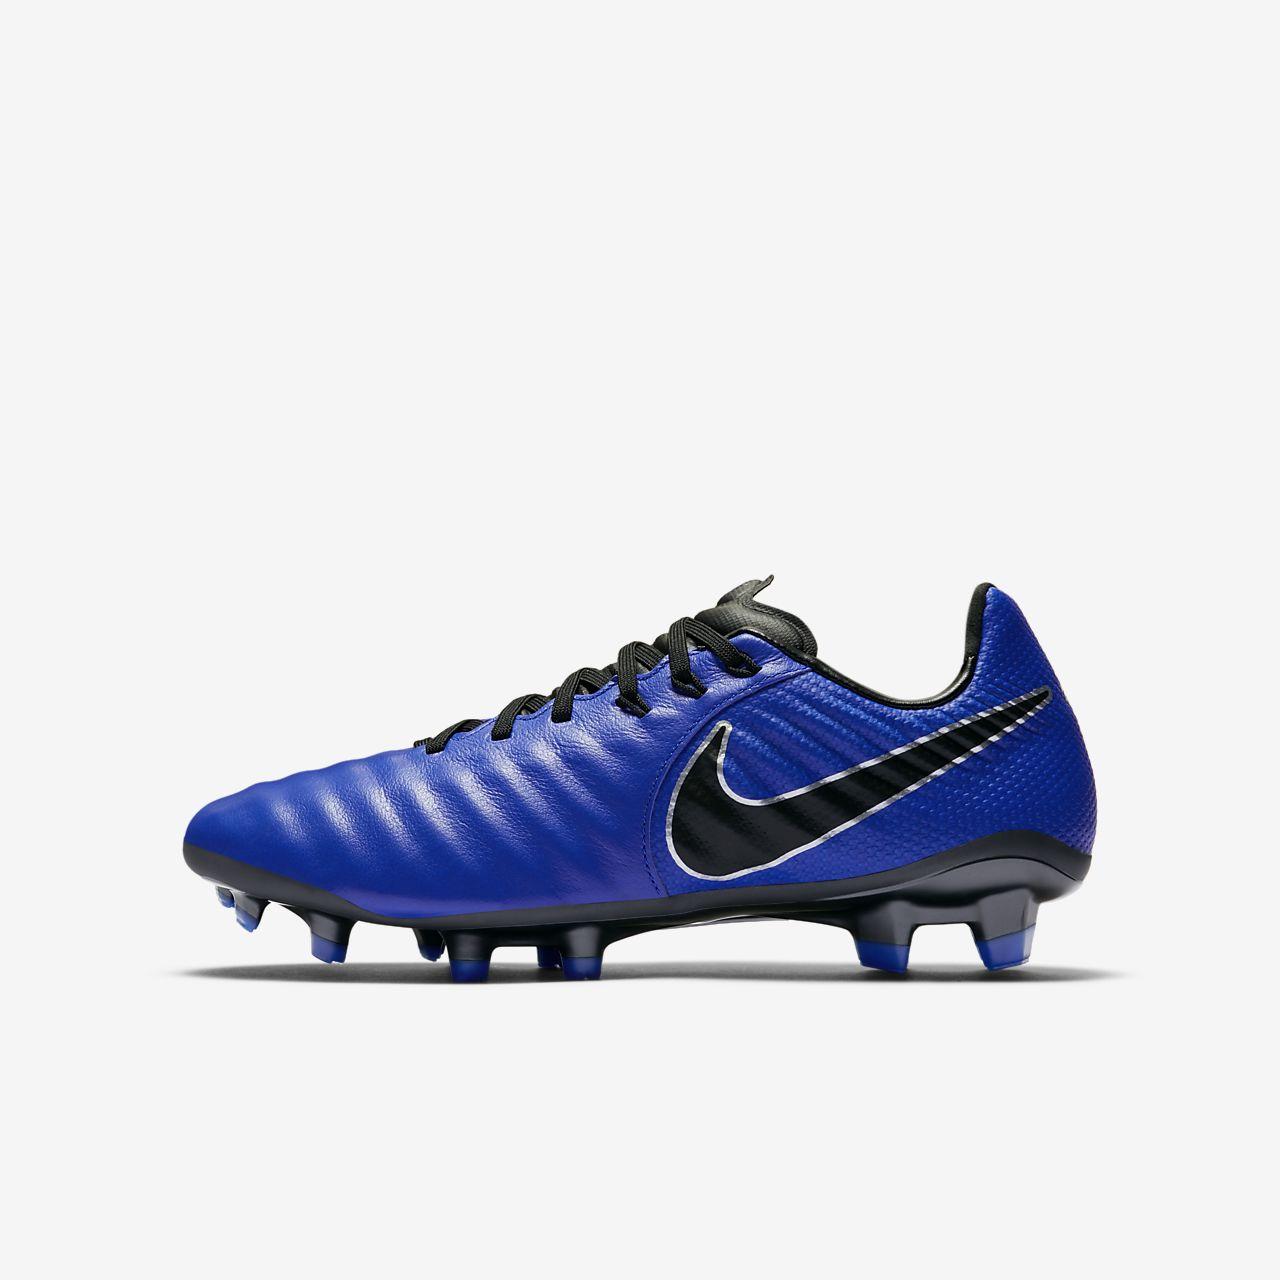 15cc9de08e4b3 ... Chuteiras de futebol para terreno firme Nike Jr. Tiempo Legend VII  Elite FG para criança